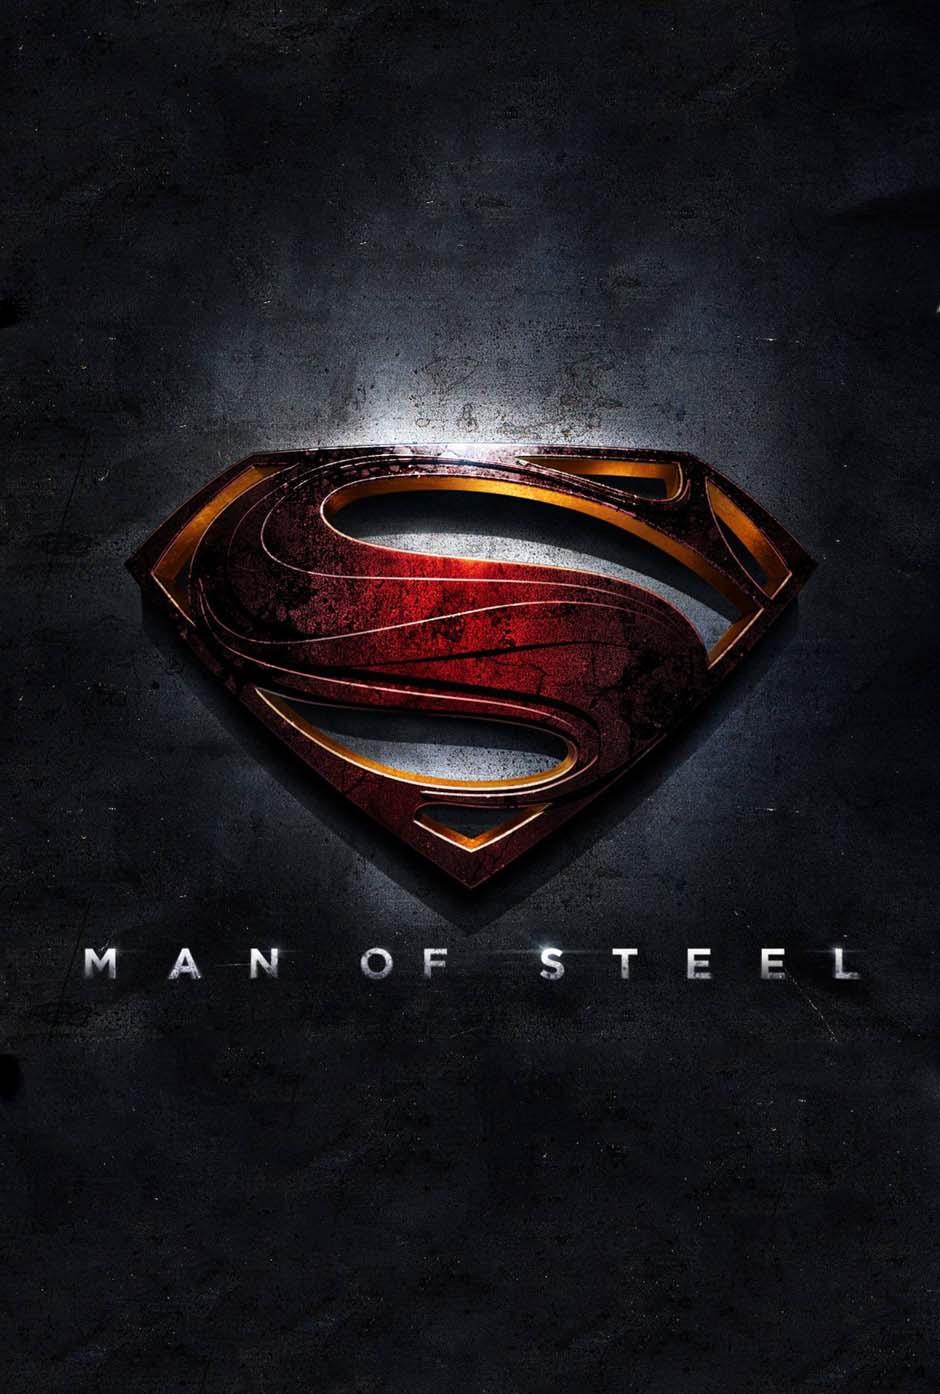 pierdere în greutate experiment Superman